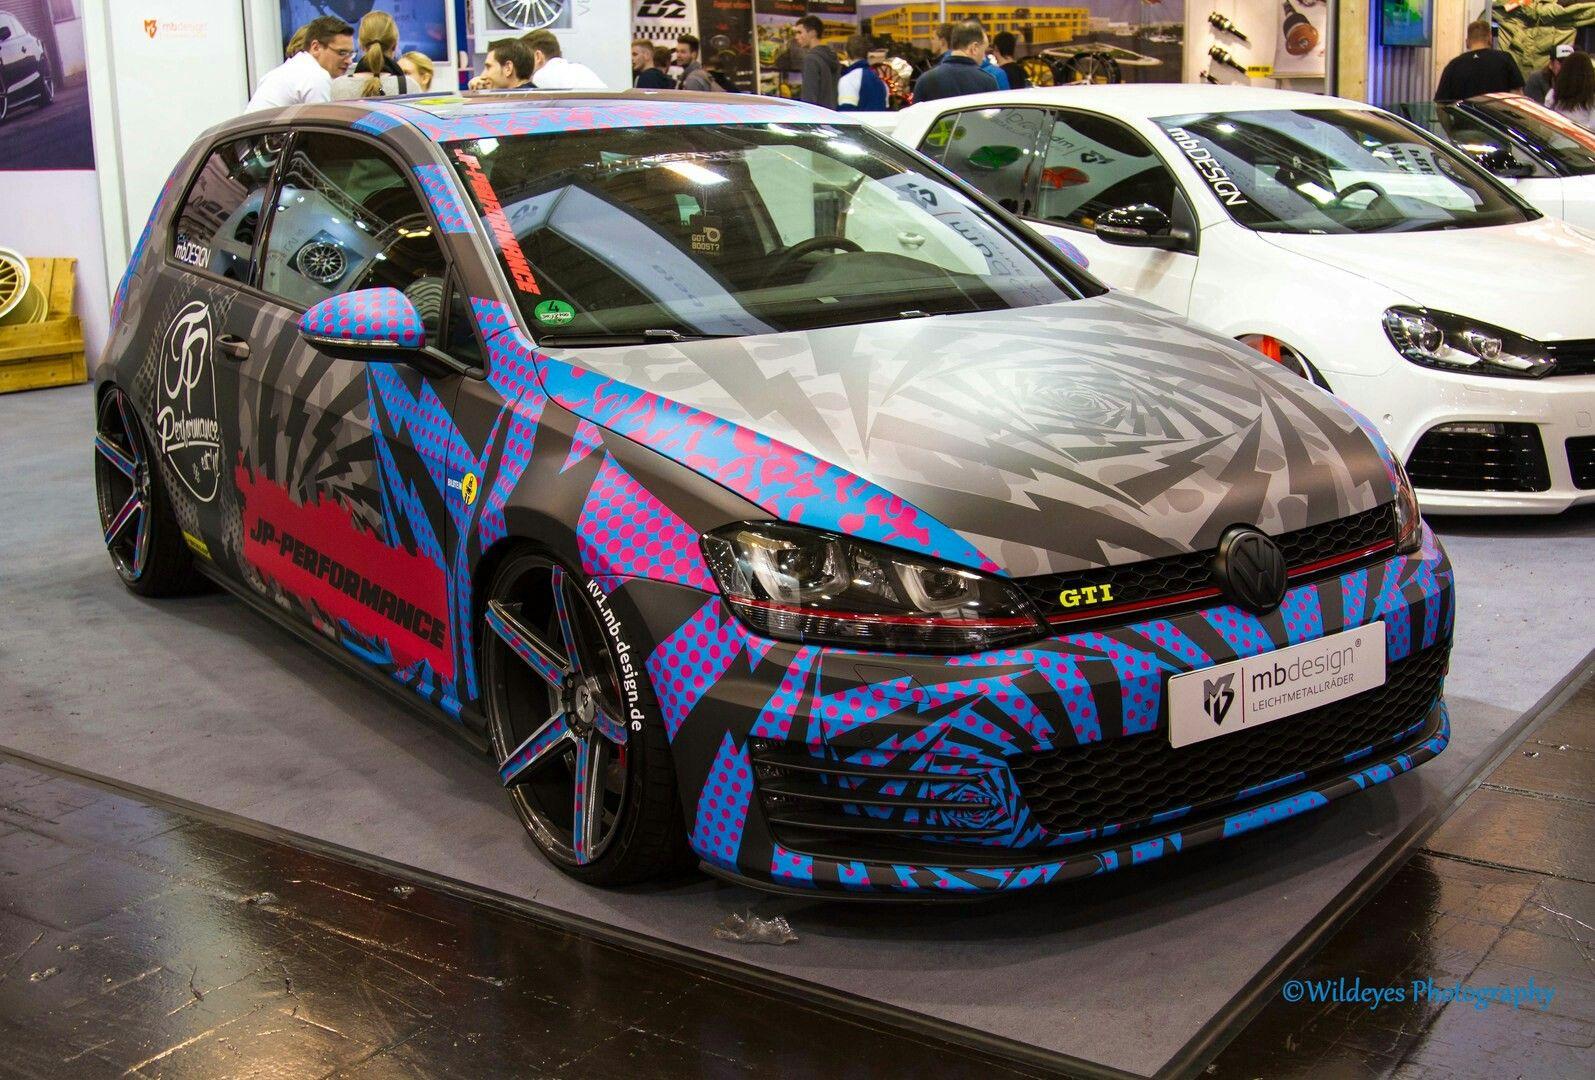 Vw Golf Mk7 Gti Volkswagen Polo Volkswagen Golf Volkswagen